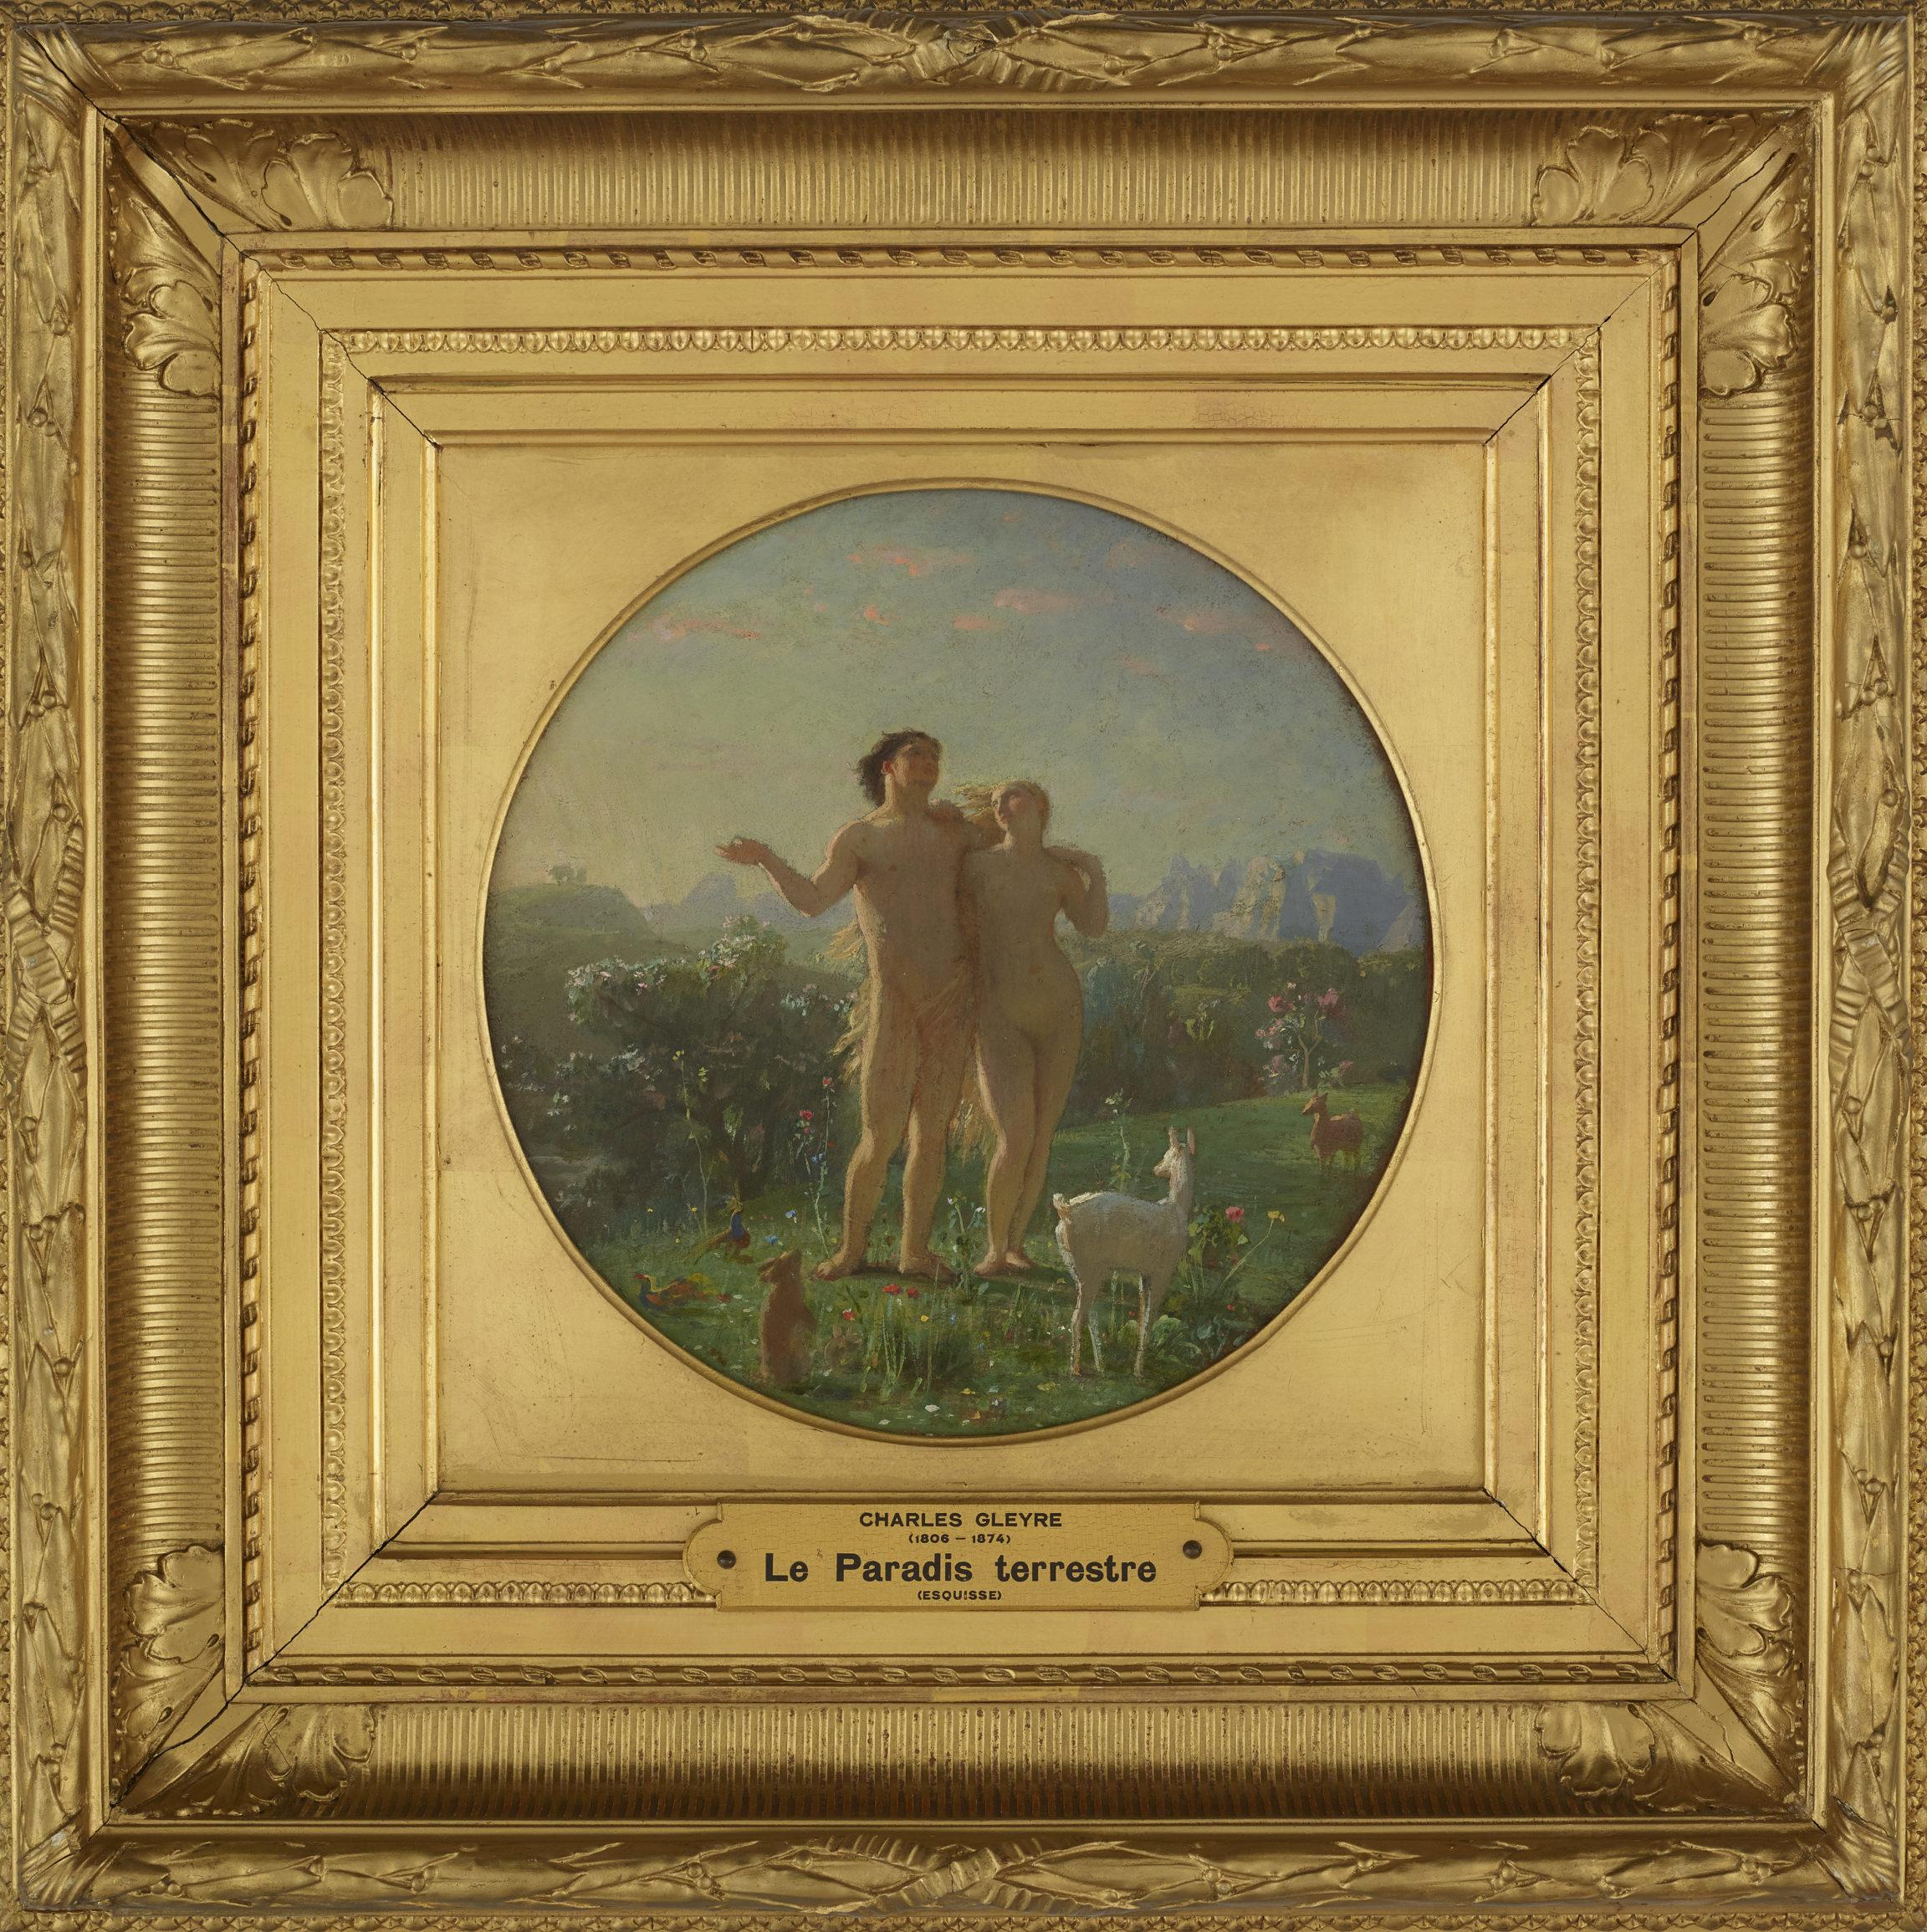 Charles Gleyre, Esquisse pour Le paradis terrestre ou Le matin, entre 1869 et 1874